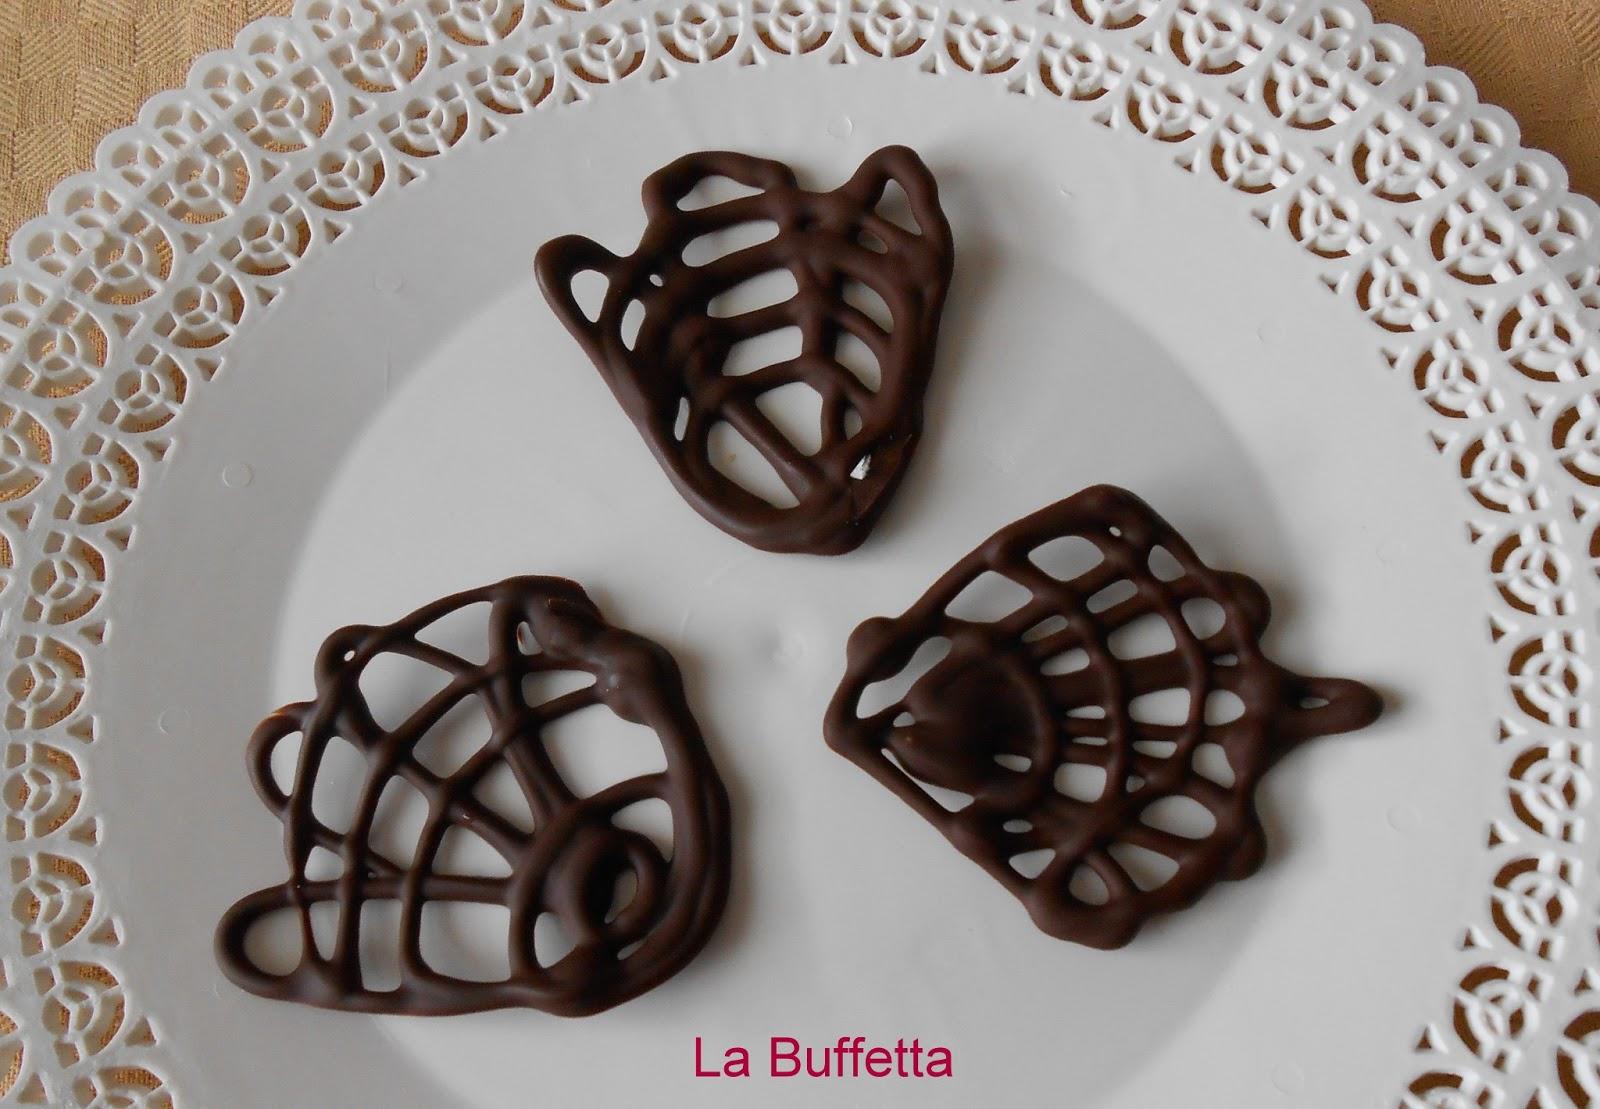 LA BUFFETTA Il Blog Di Ricette Fotografate Passo Passo  #913A55 1600 1109 Ricette Cucina Disegnate